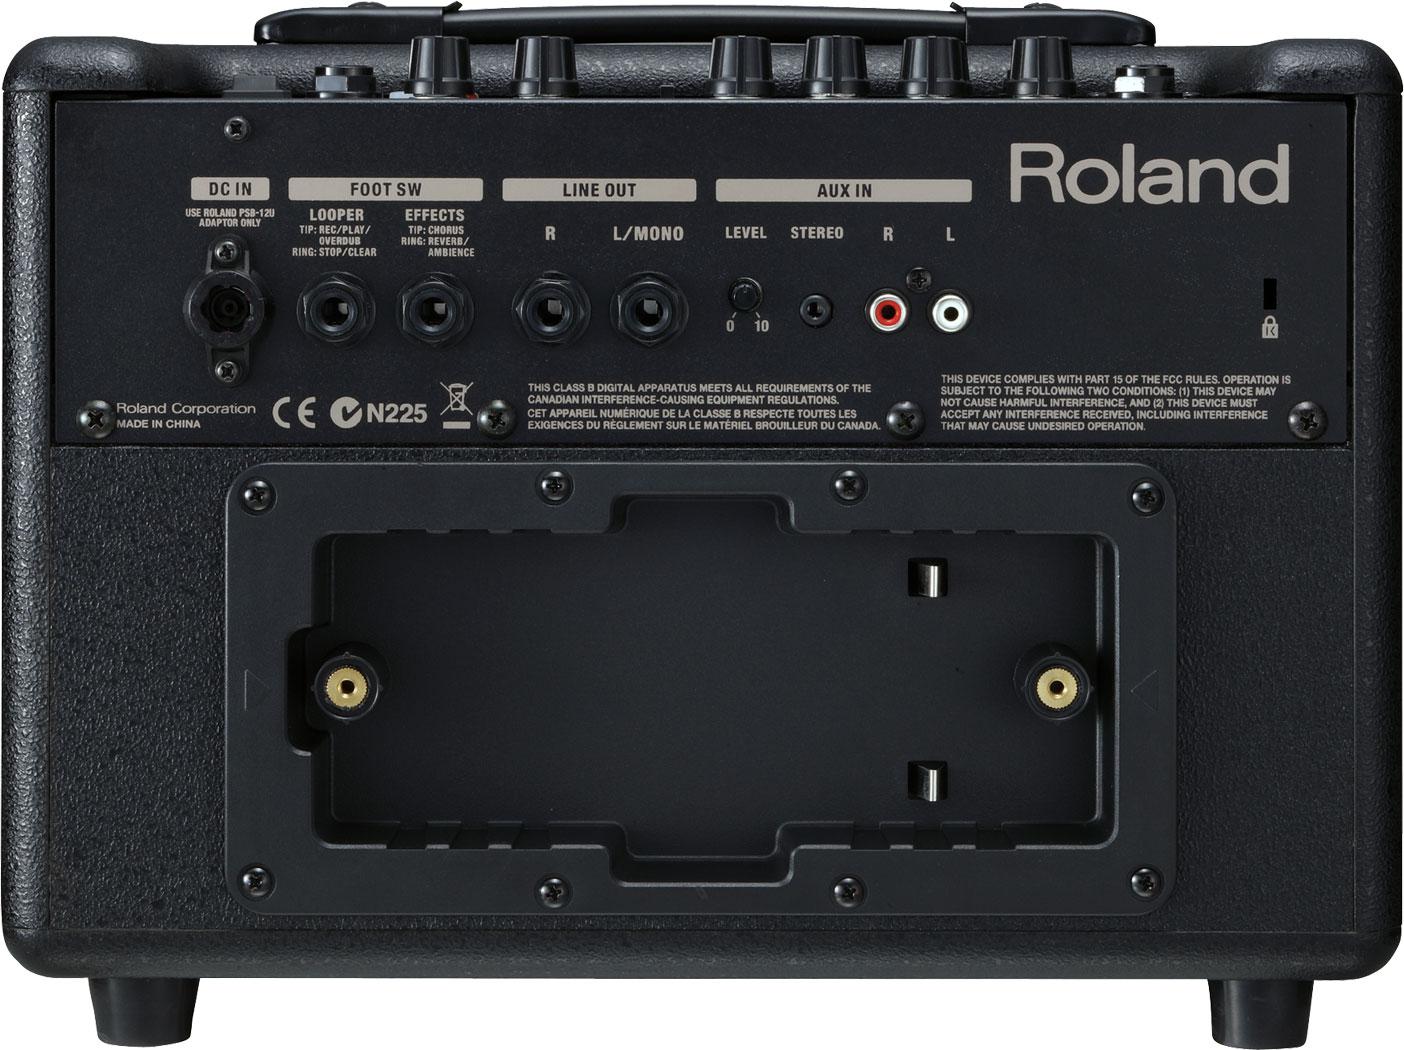 roland ac 33 acoustic chorus guitar amplifier rh roland ca roland ac-33 user manual Roland AC- 60